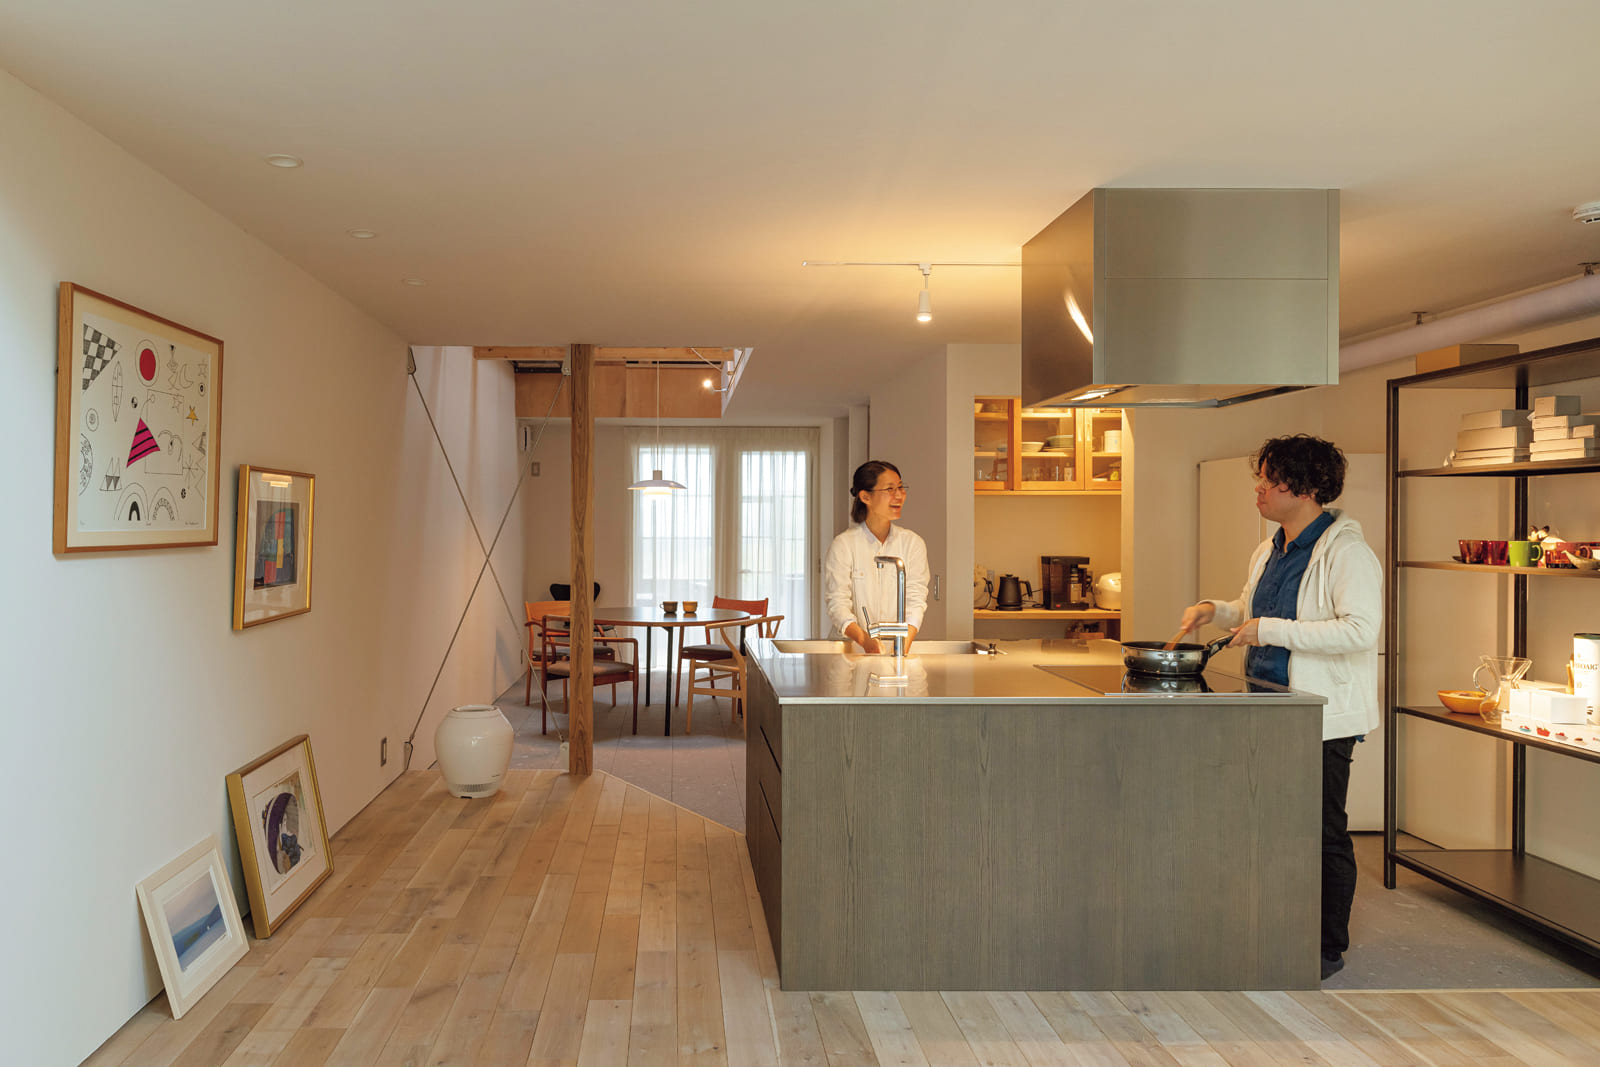 リビングとダイニングをつなぐ正方形のオーダーキッチンは、夫婦2人で会話をしながら料理や片付けができる。パントリーの中の吊戸棚は、元々この家で使われていた棚をリメイクしたもの